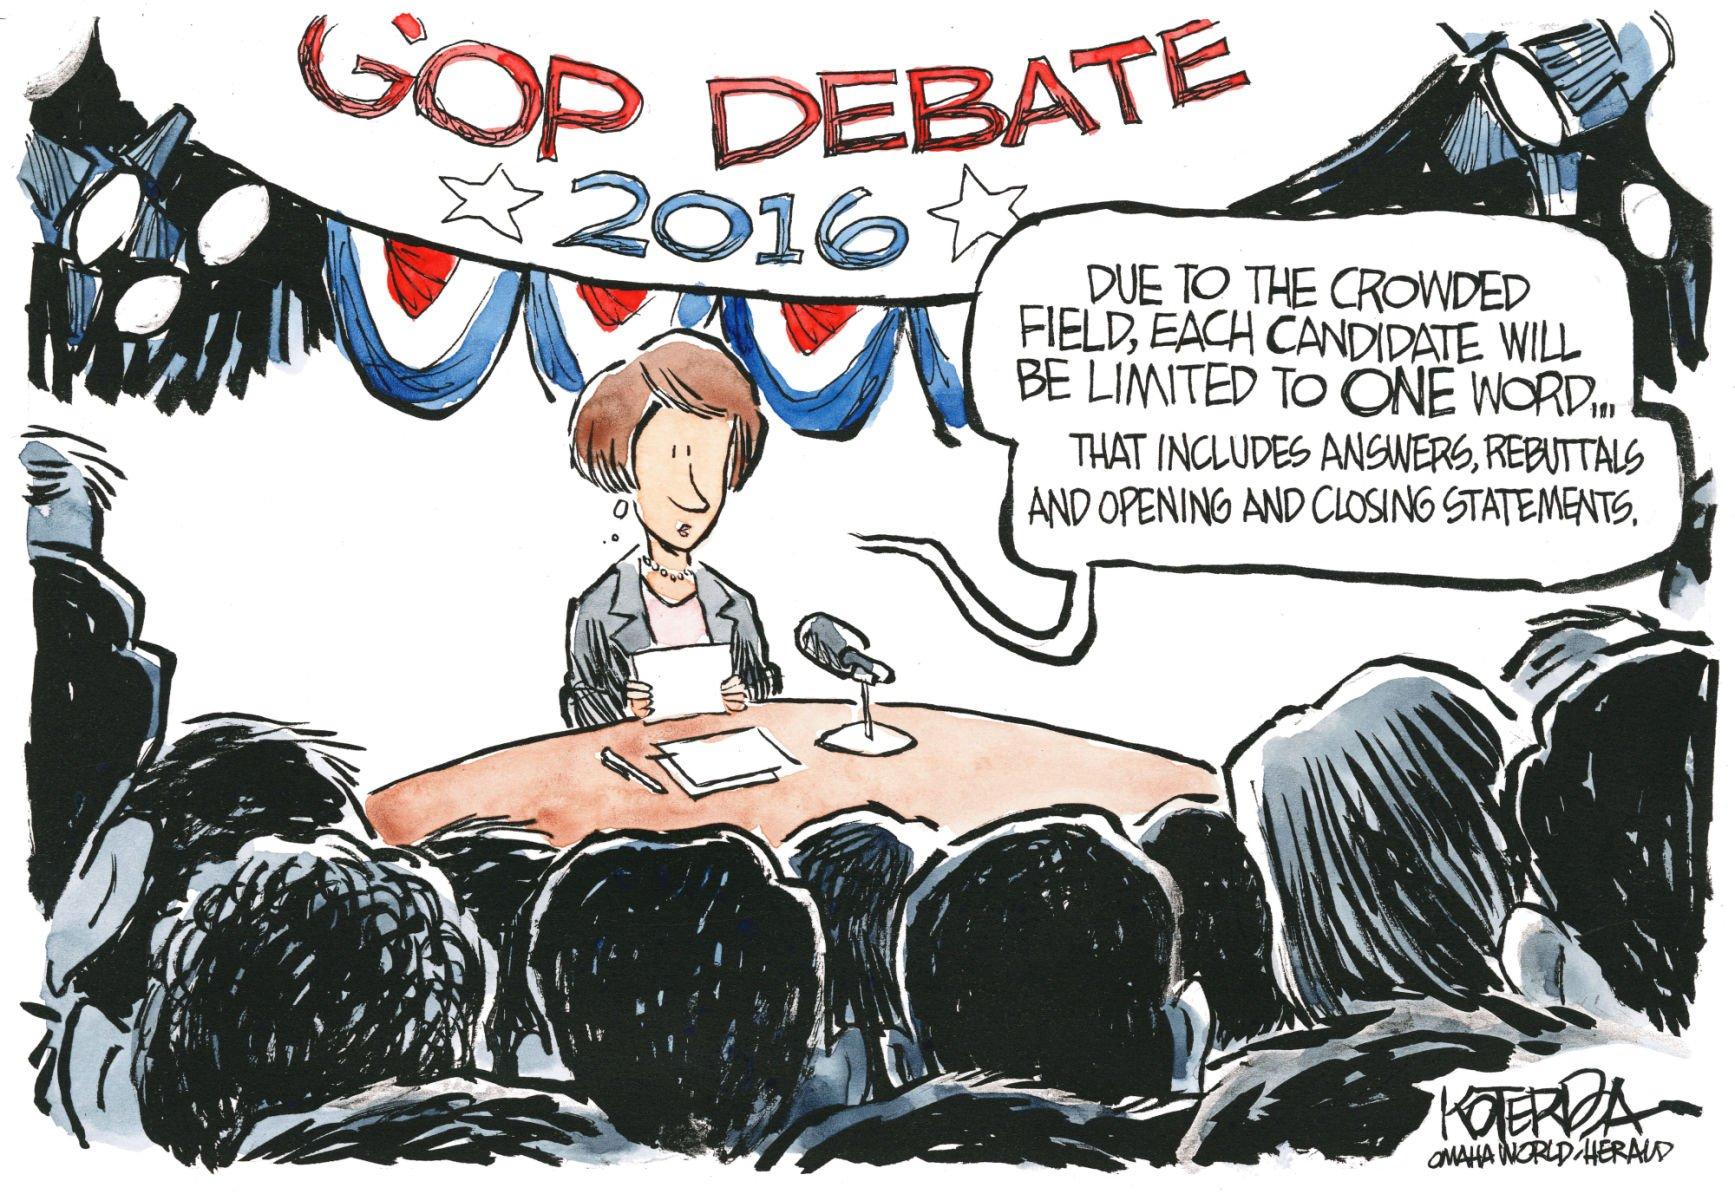 Debates vs. debates